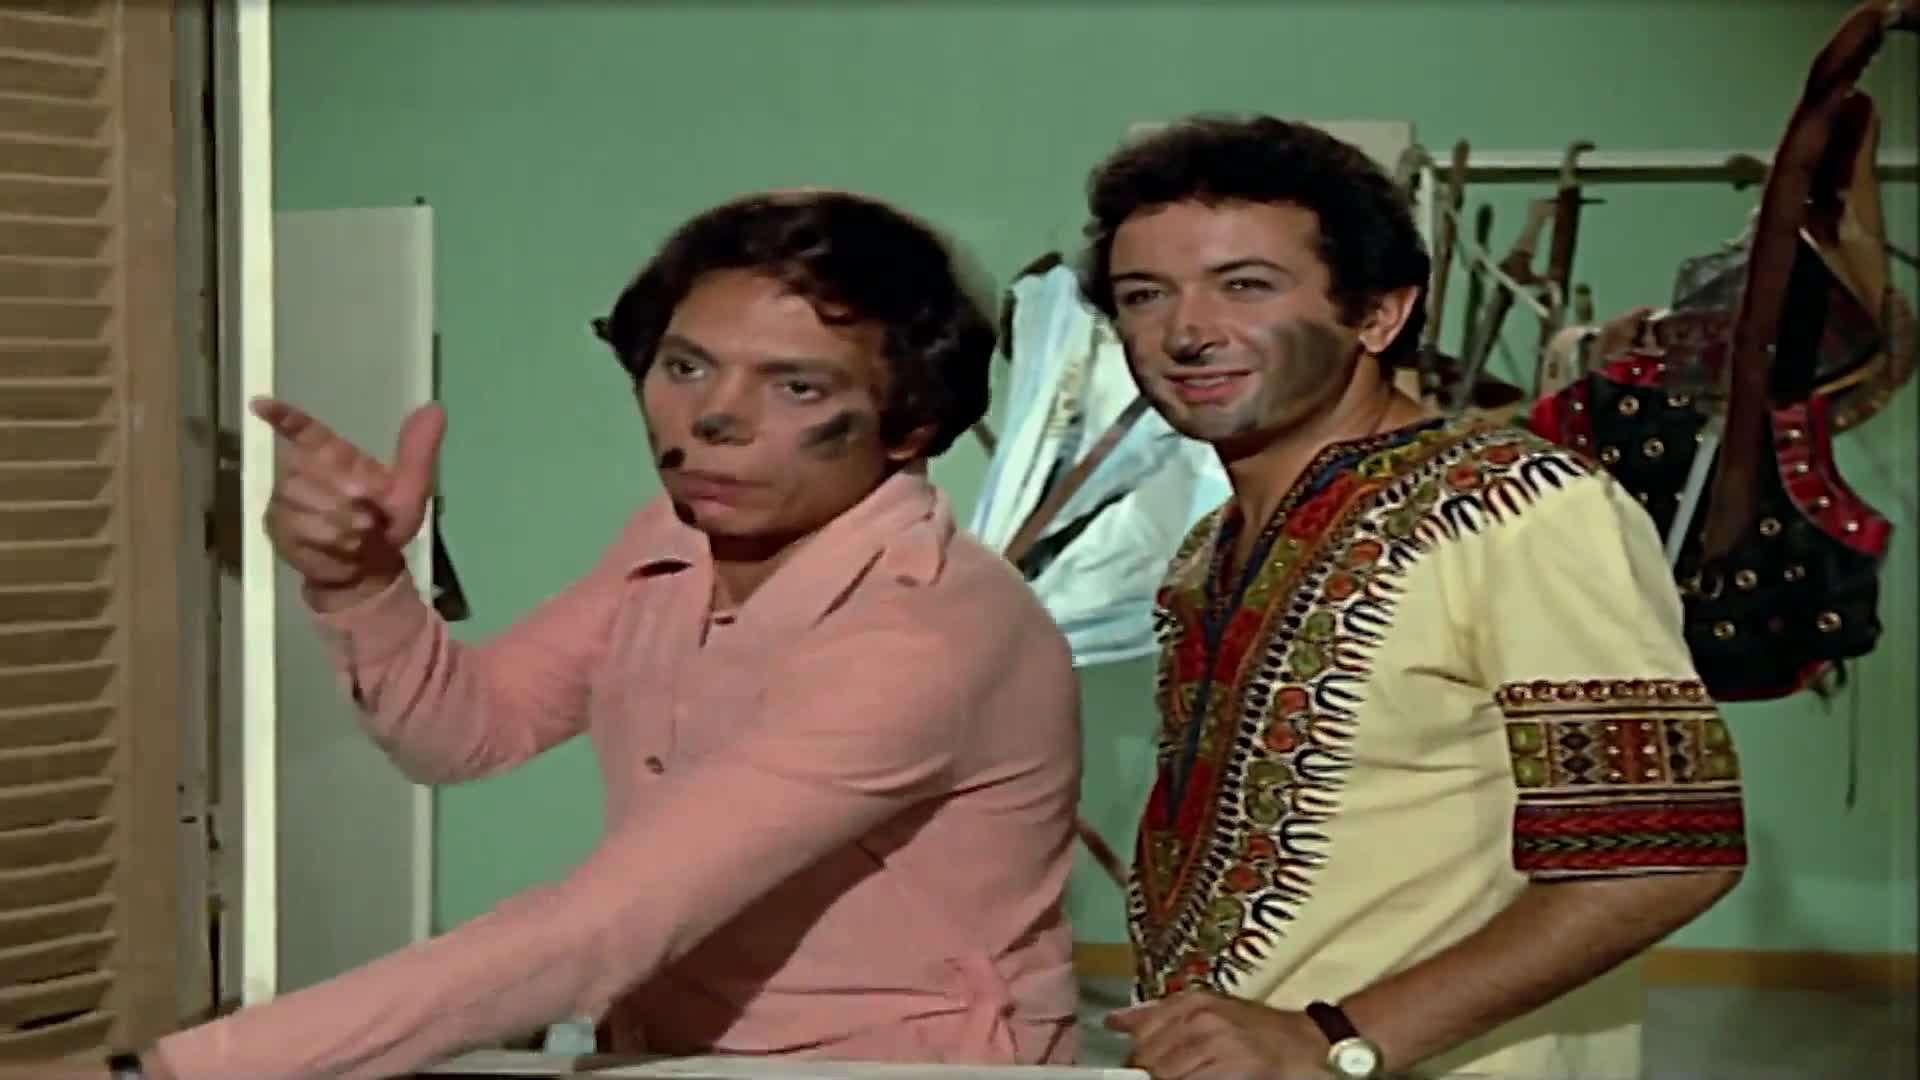 [فيلم][تورنت][تحميل][الكل عاوز يحب][1975][1080p][Web-DL] 5 arabp2p.com